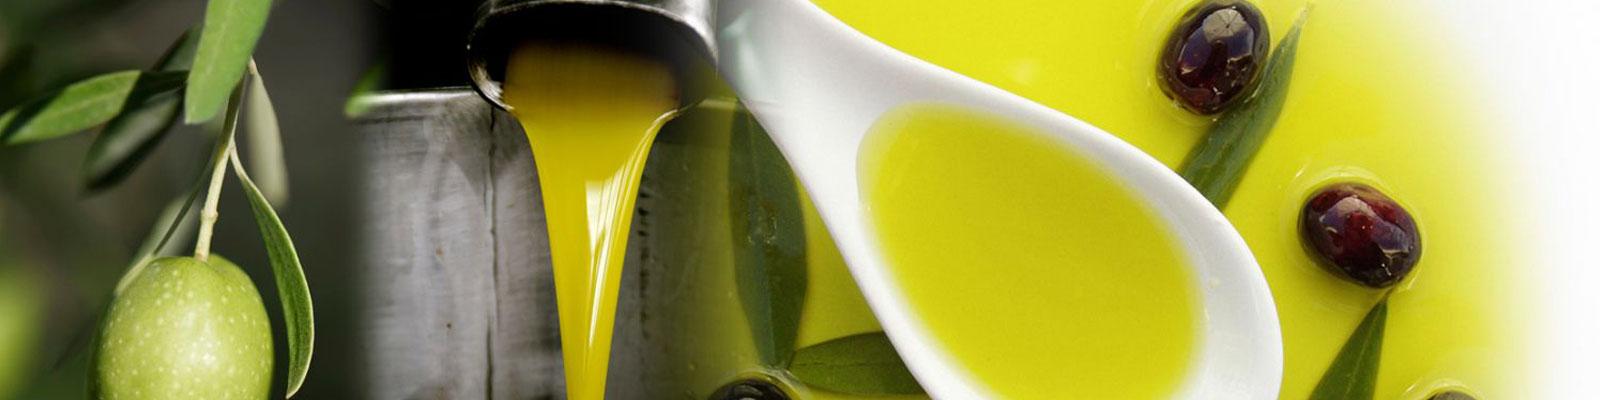 lolio-e-le-olive